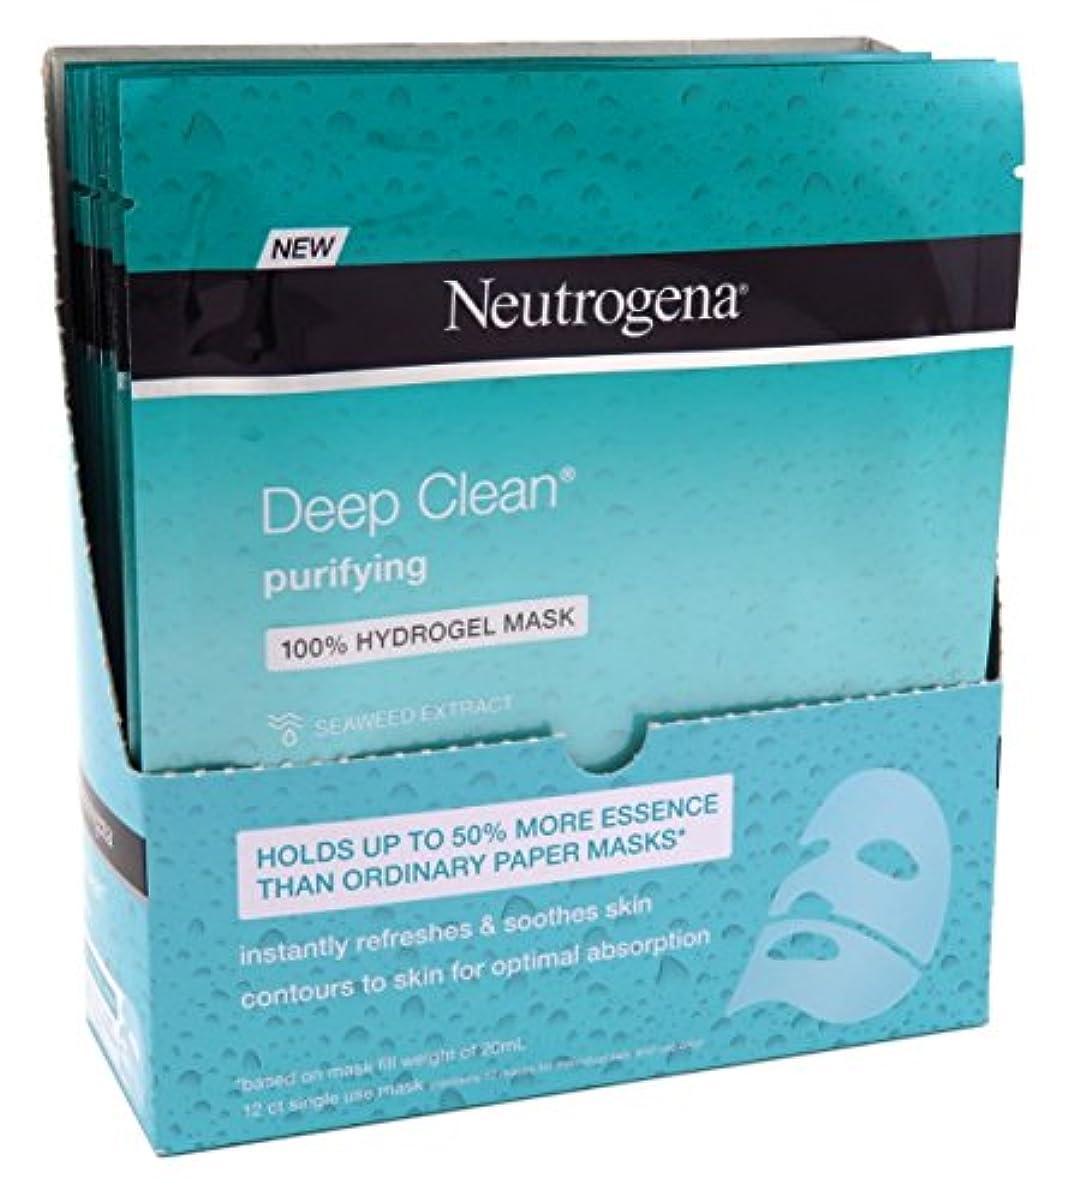 道路ハッピー講堂Neutrogena ディープクリーンPurifyのヒドロゲルは、1オンス(12個)(30ML)をマスク